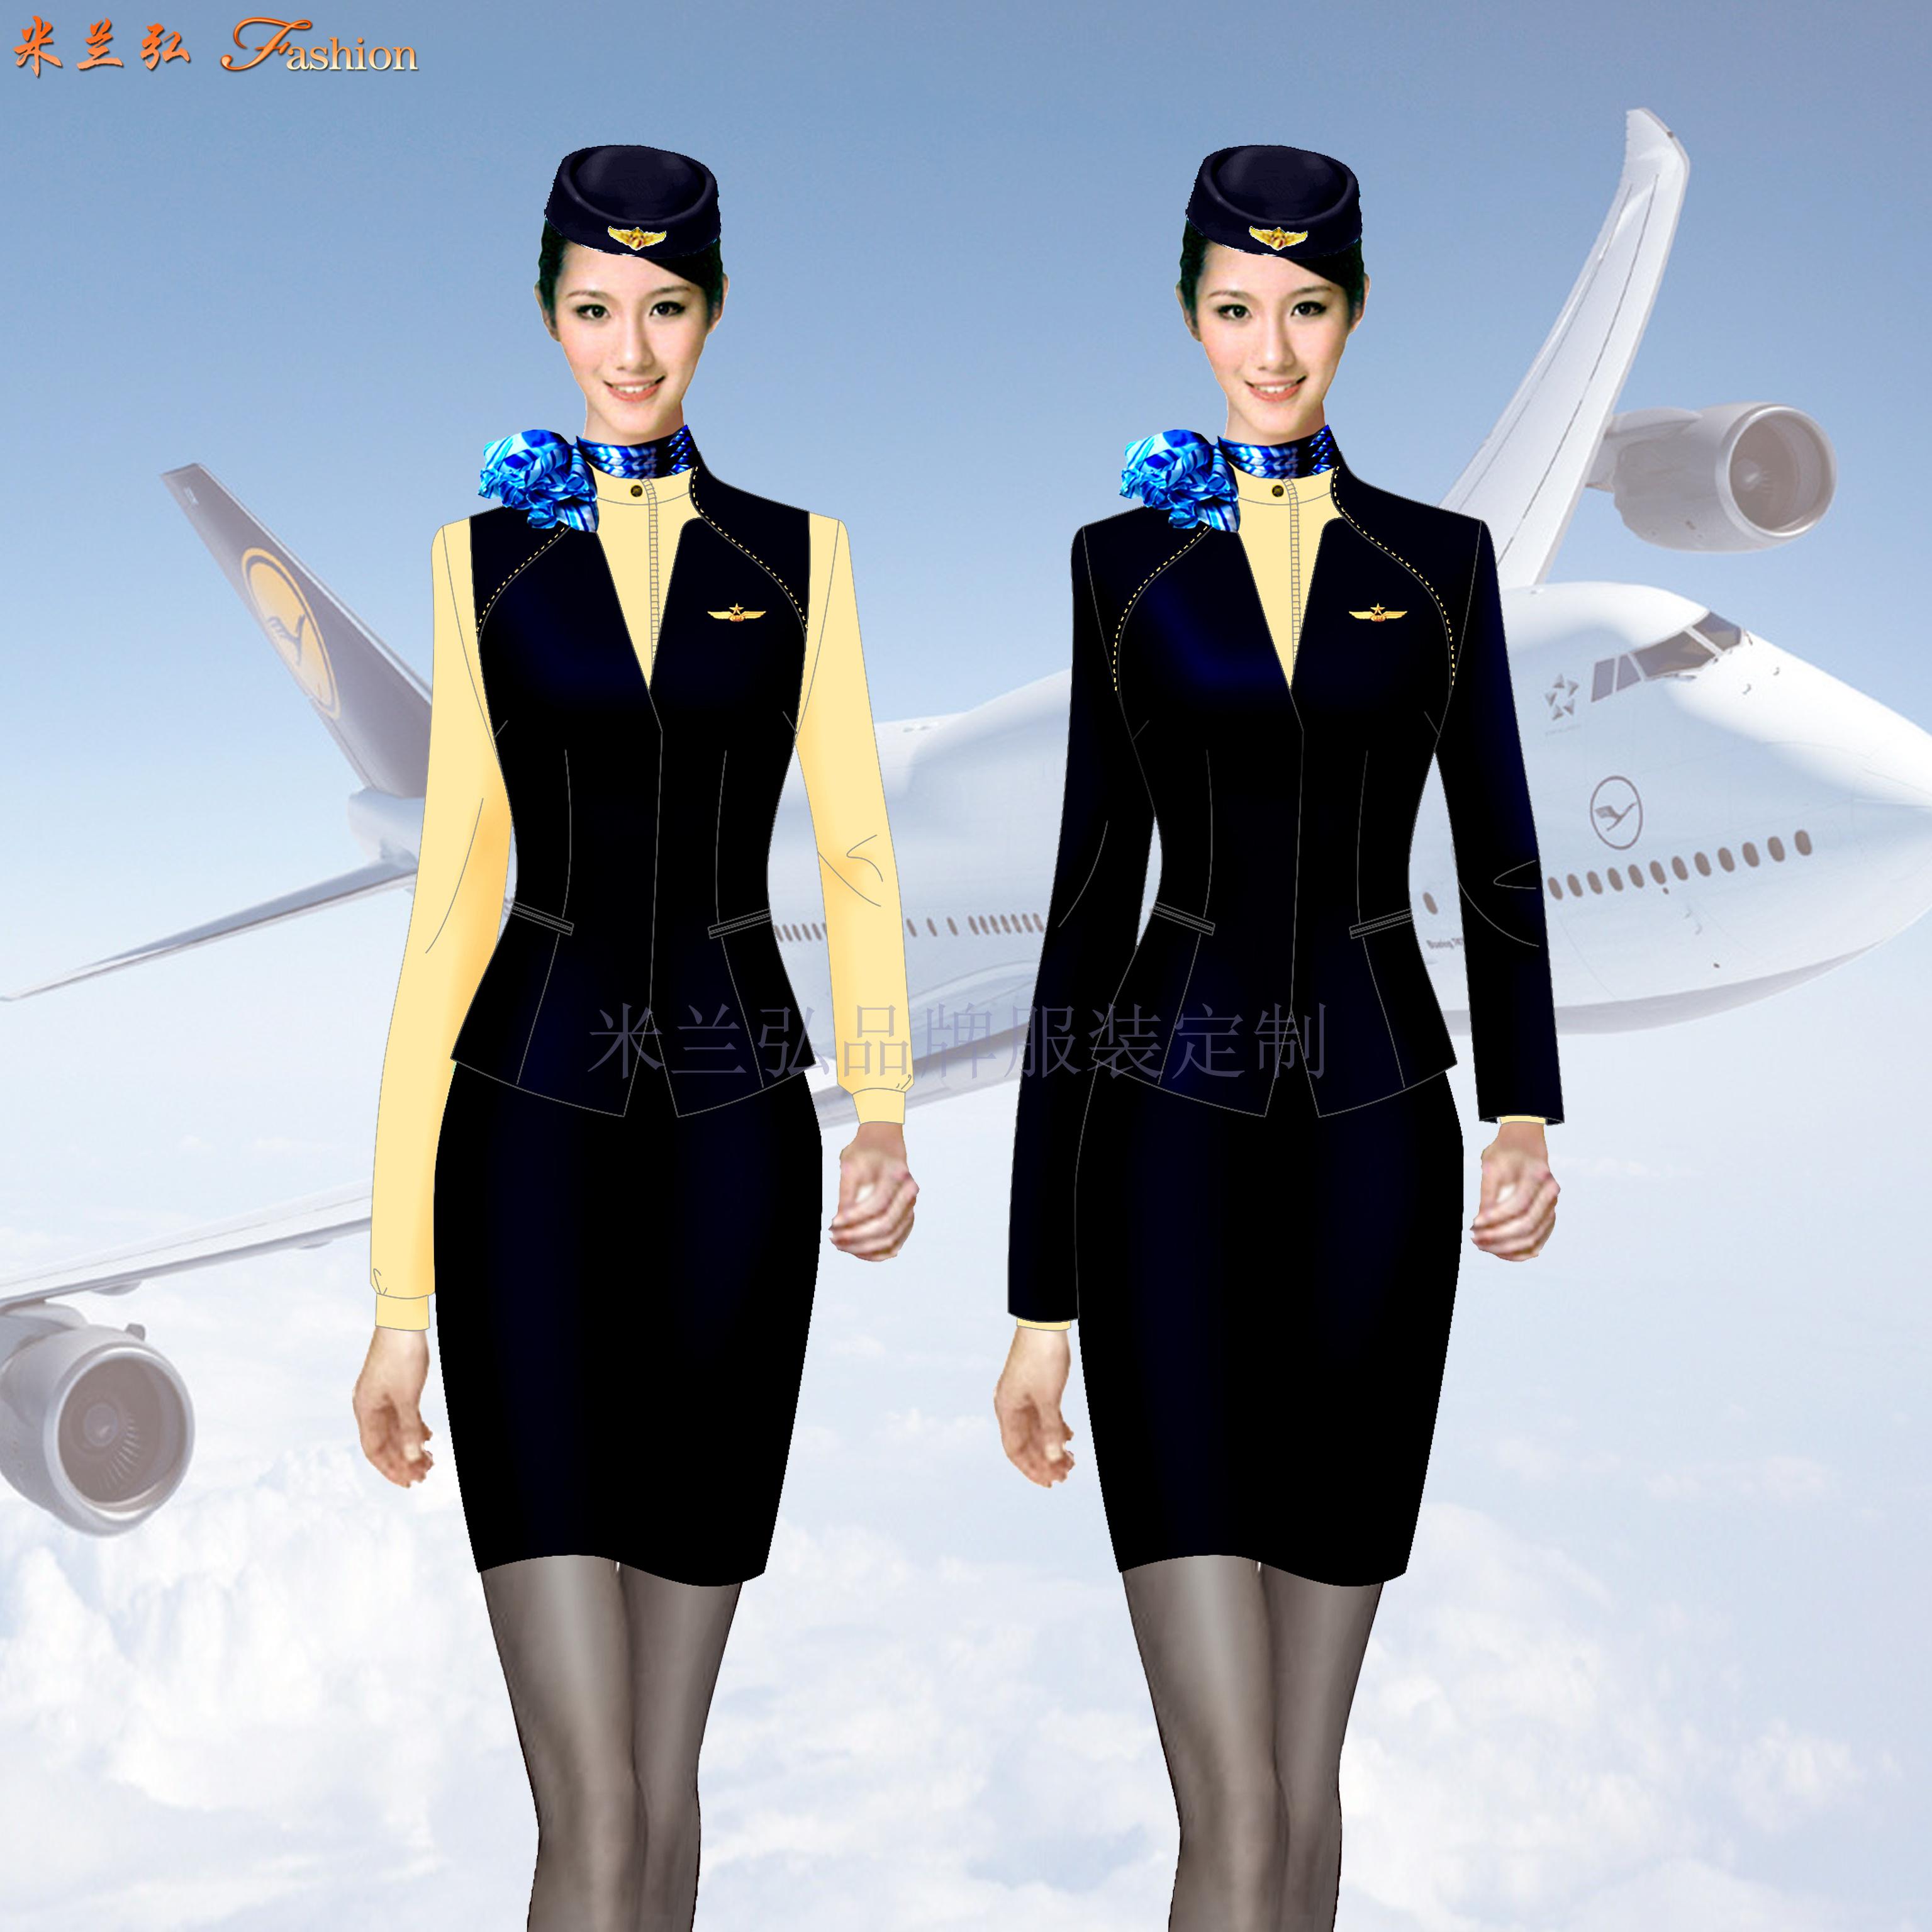 成都雙流國際機場服務人員職業工裝定做-米蘭弘服裝廠家-3